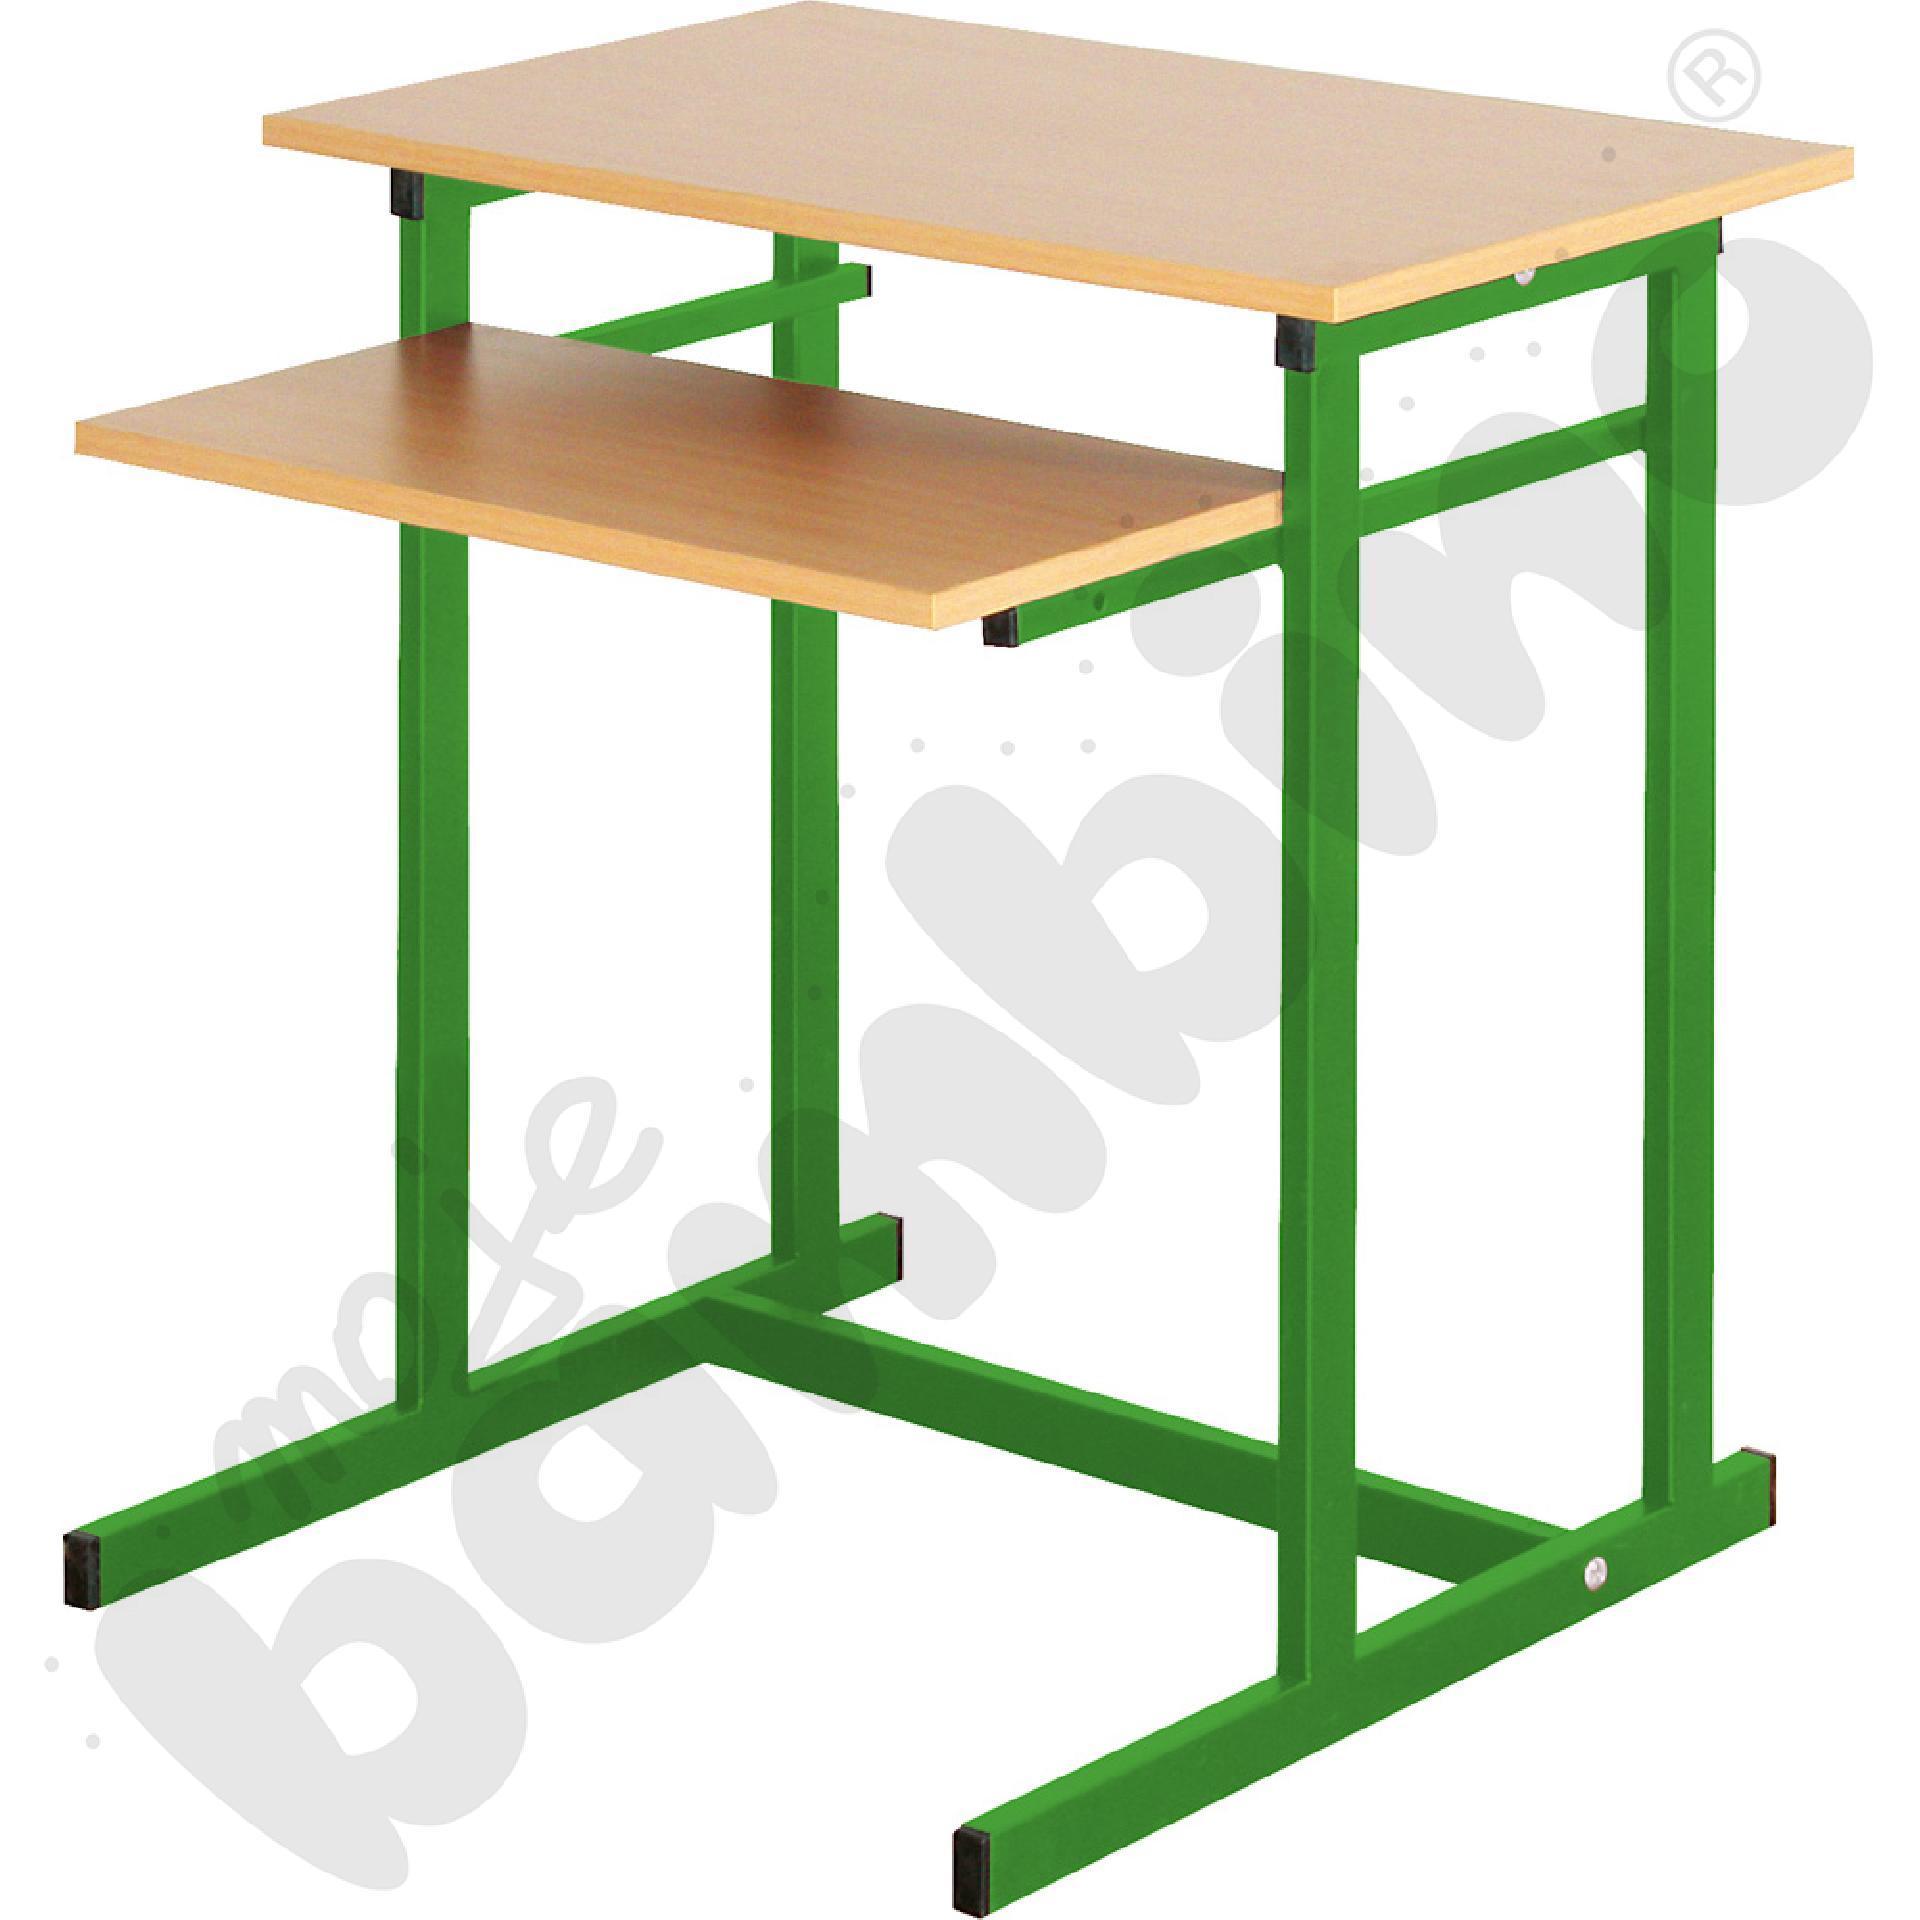 Stolik komputerowy NEO 1 1-os. ze stałą półką na klawiaturę  rozm. 6 - zielony